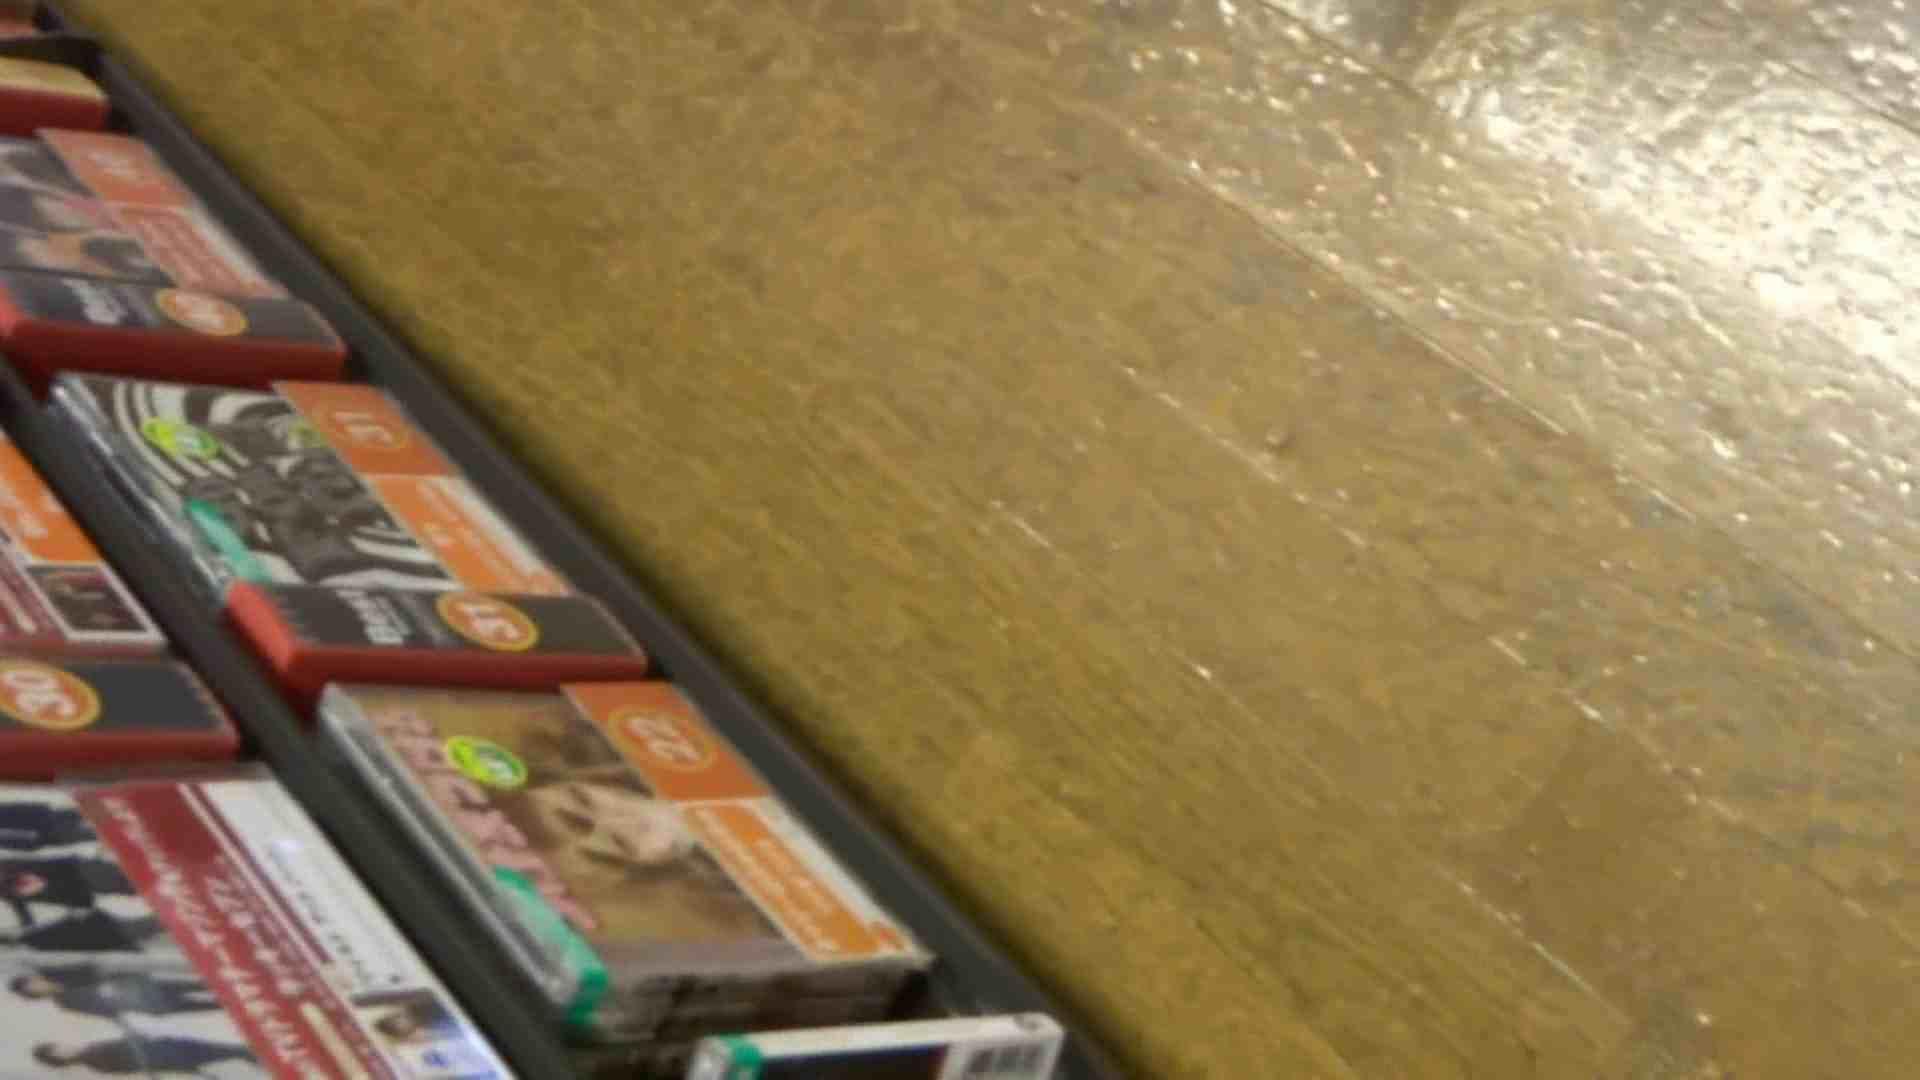 近所のお店は危険がイッパイ vol.9 美しいOLの裸体  104pic 20